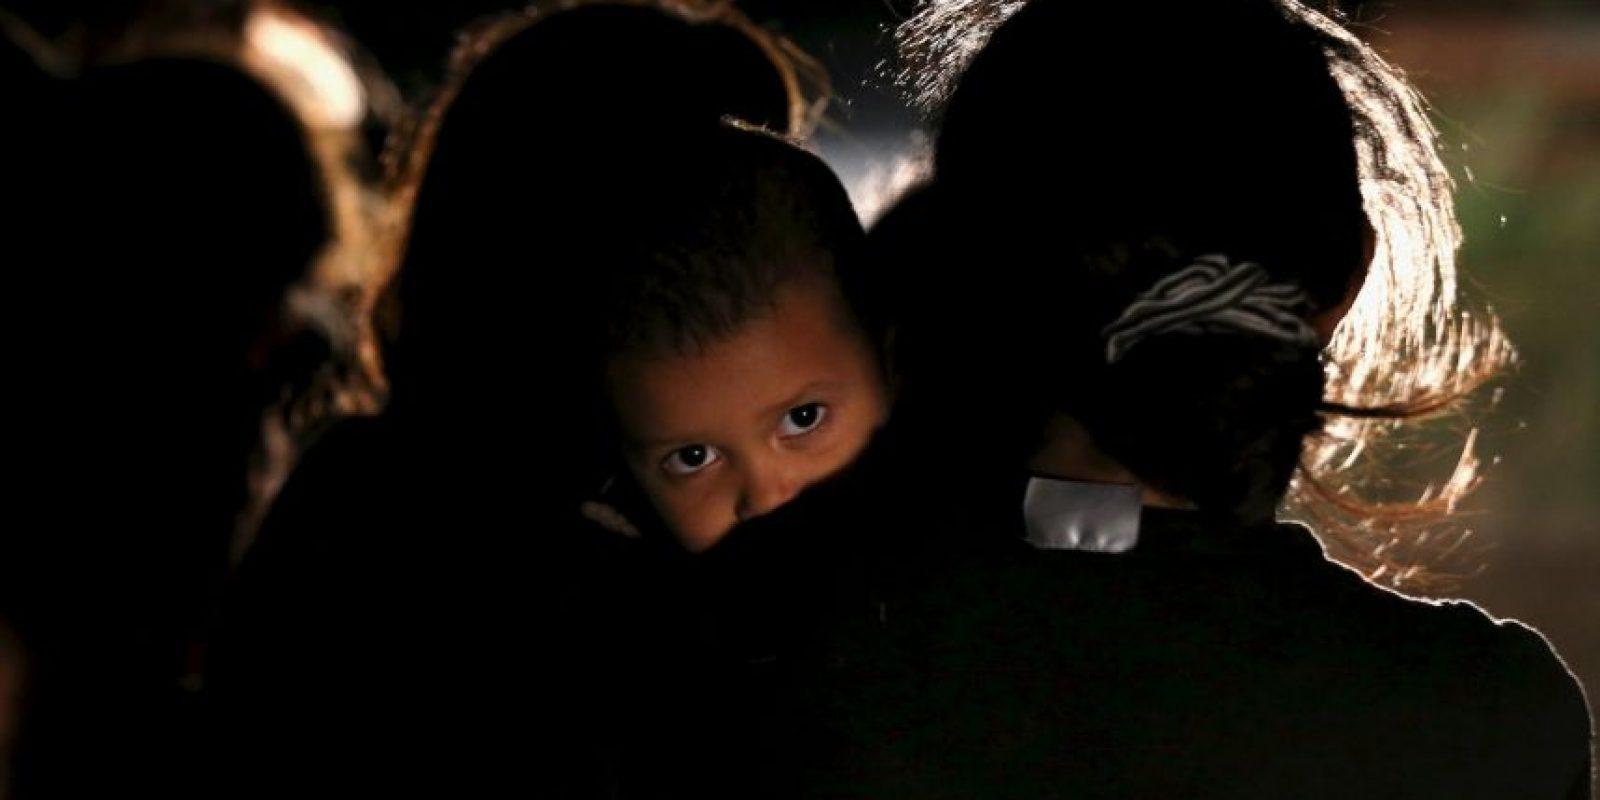 Según las estimaciones disponibles, cada año más de 6 millones de niños/as sufren abuso severo en los países de la región y más de 80,000 mueren a causa de la violencia doméstica Foto:Getty Images